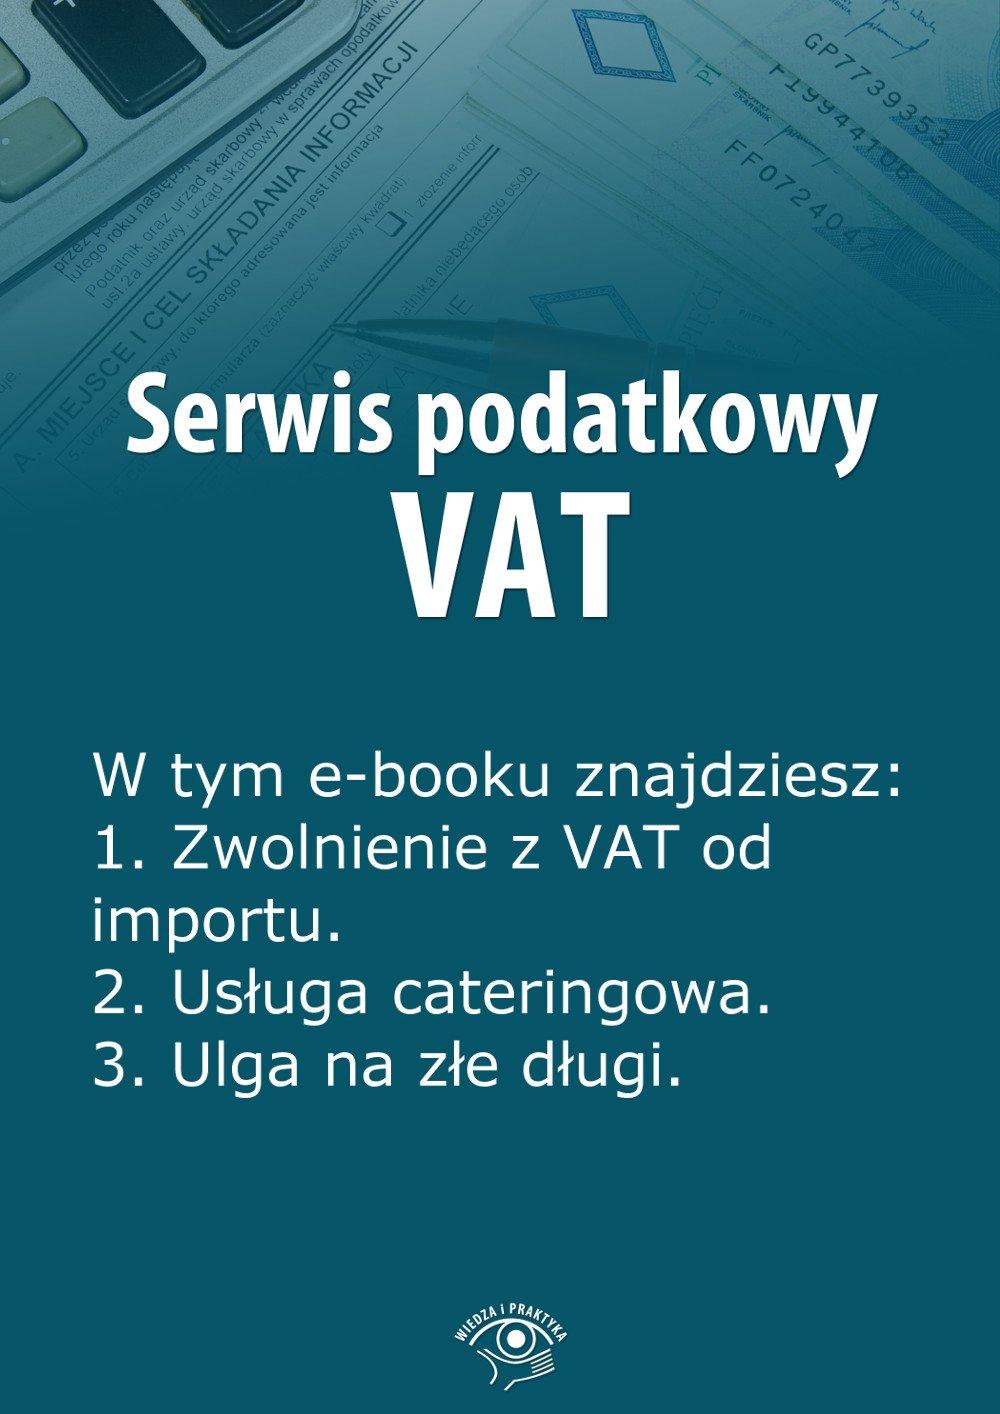 Serwis podatkowy VAT. Wydanie specjalne kwiecień-czerwiec 2014 r. - Ebook (Książka EPUB) do pobrania w formacie EPUB